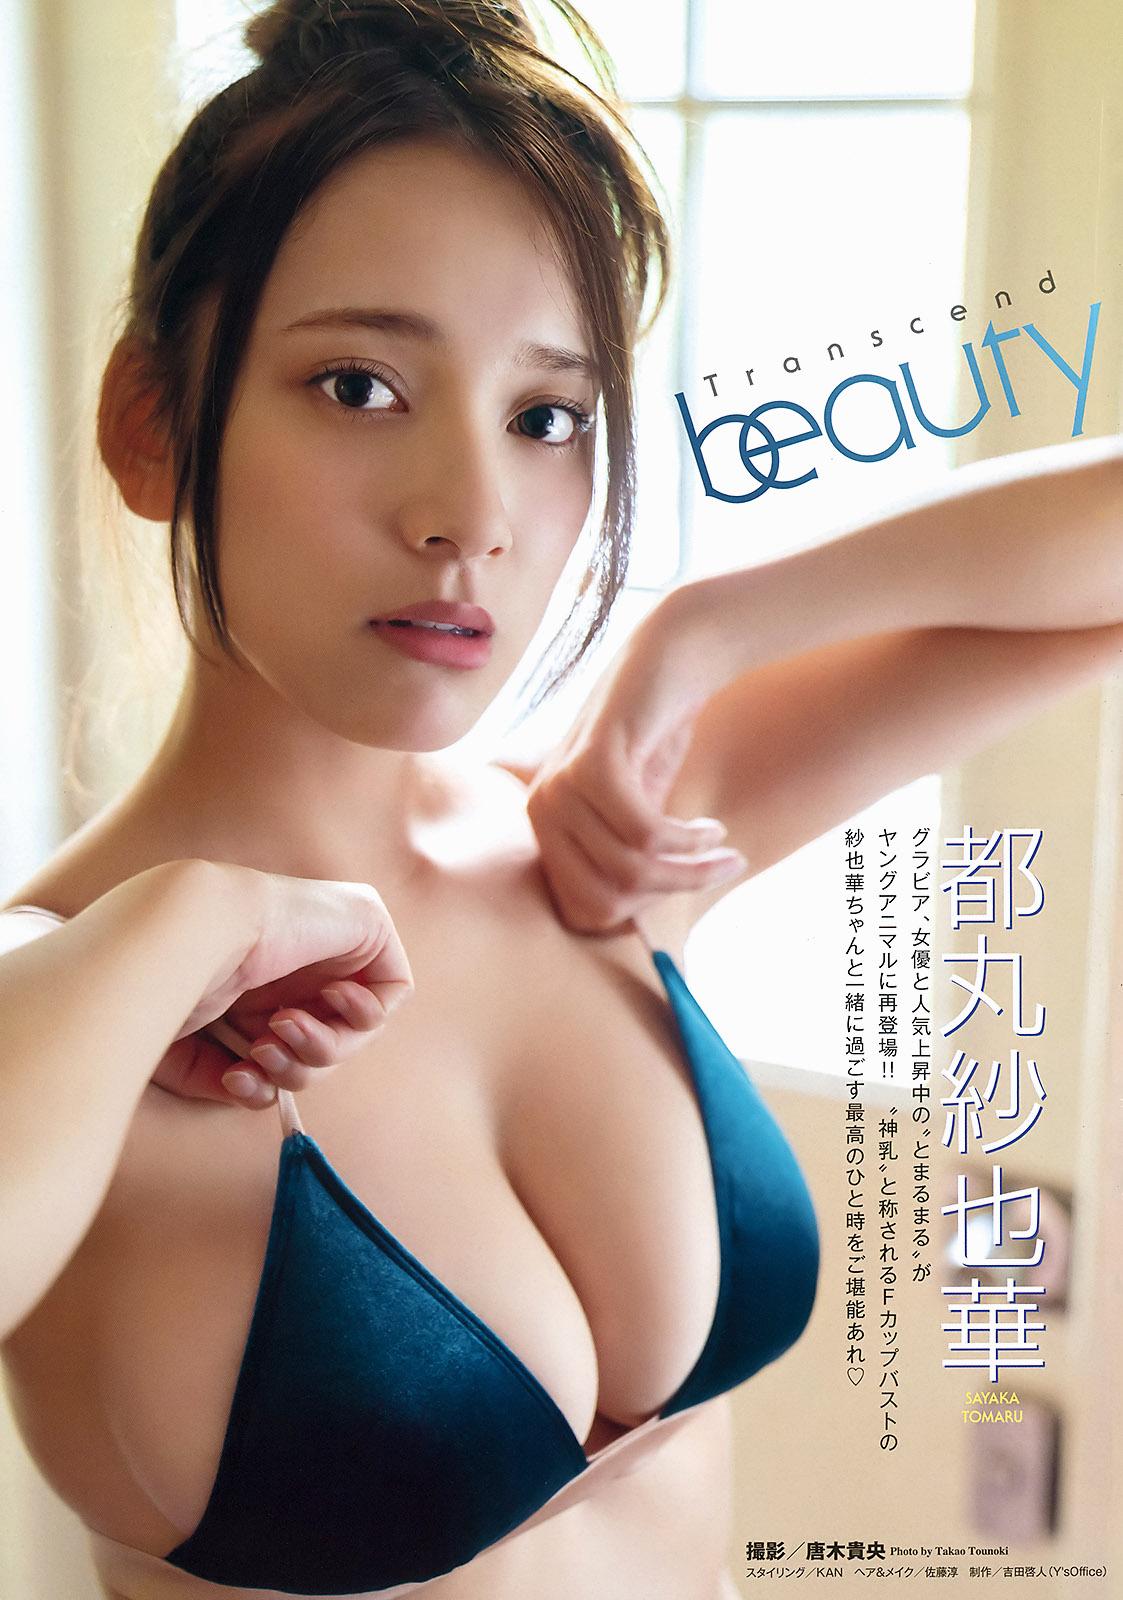 Sayaka Tomaru Young Animal 191213 02.jpg